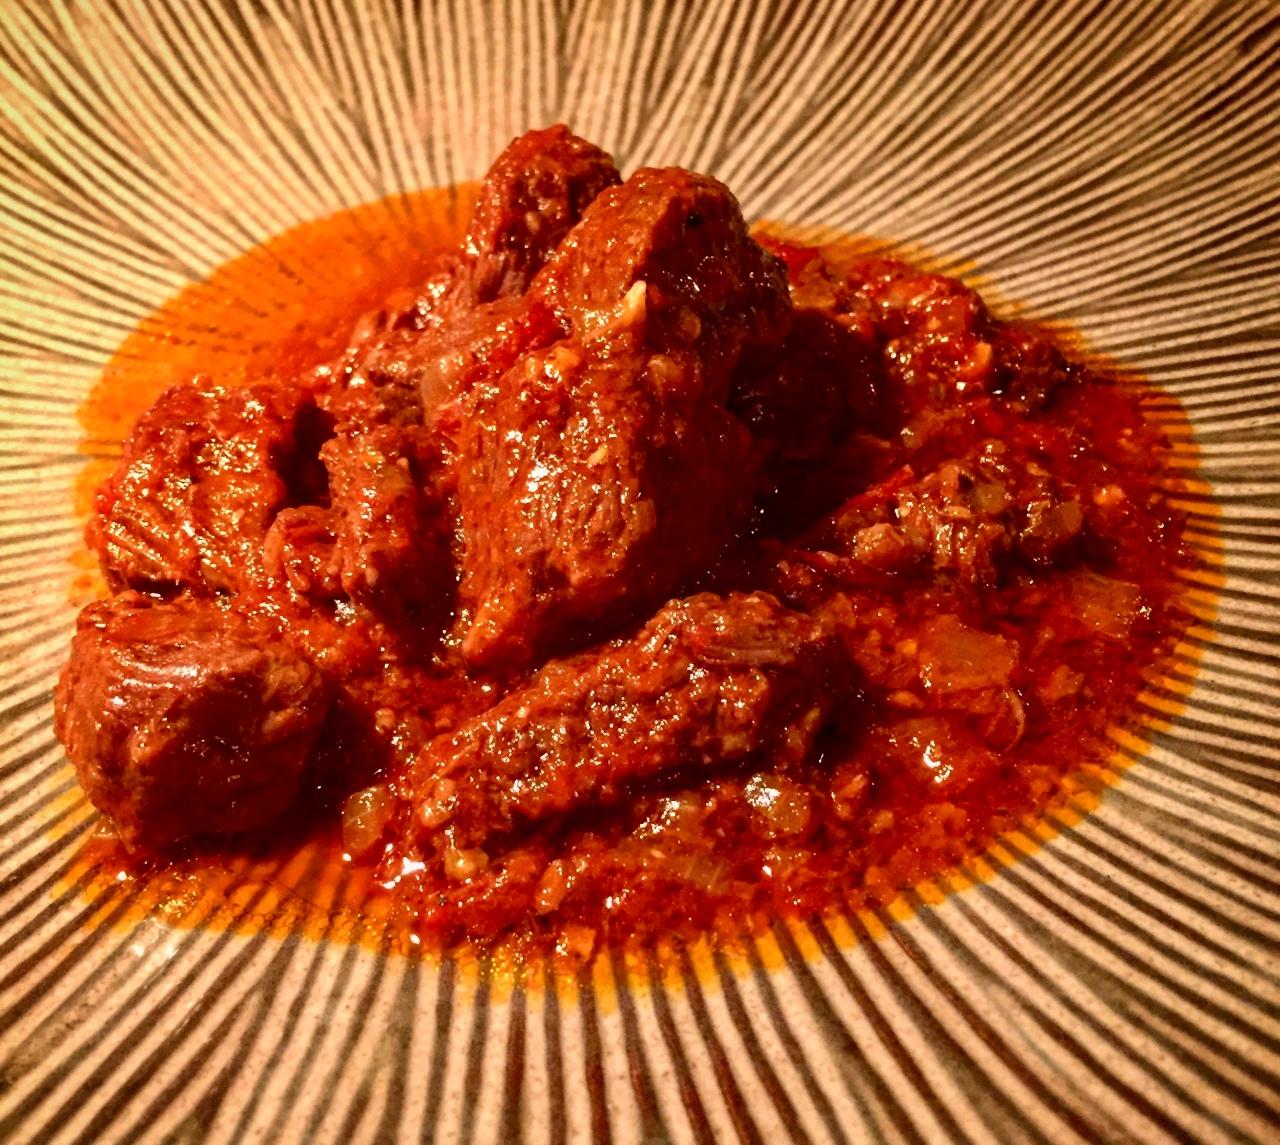 Gulasch 'nordafrikanisch' | Beef Stew | Tajine (und eine Fleischlügeaufgedeckt)